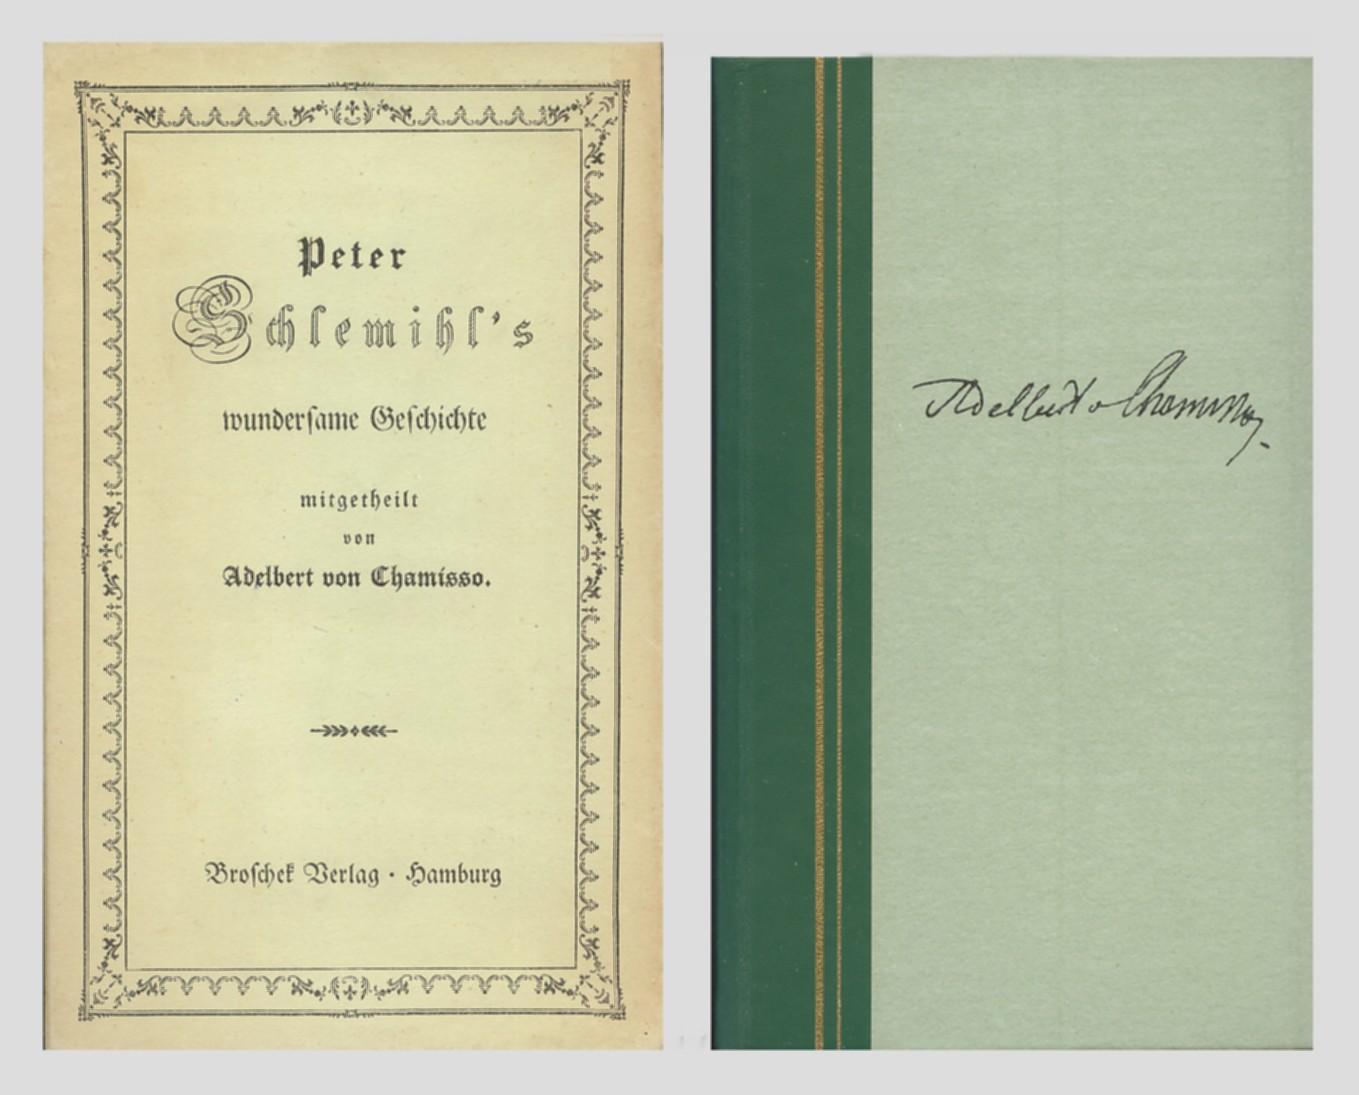 Peter Schlemihl's wundersame Geschichte. Mit neun Lichtdrucken: Chamisso, Adelbert v.